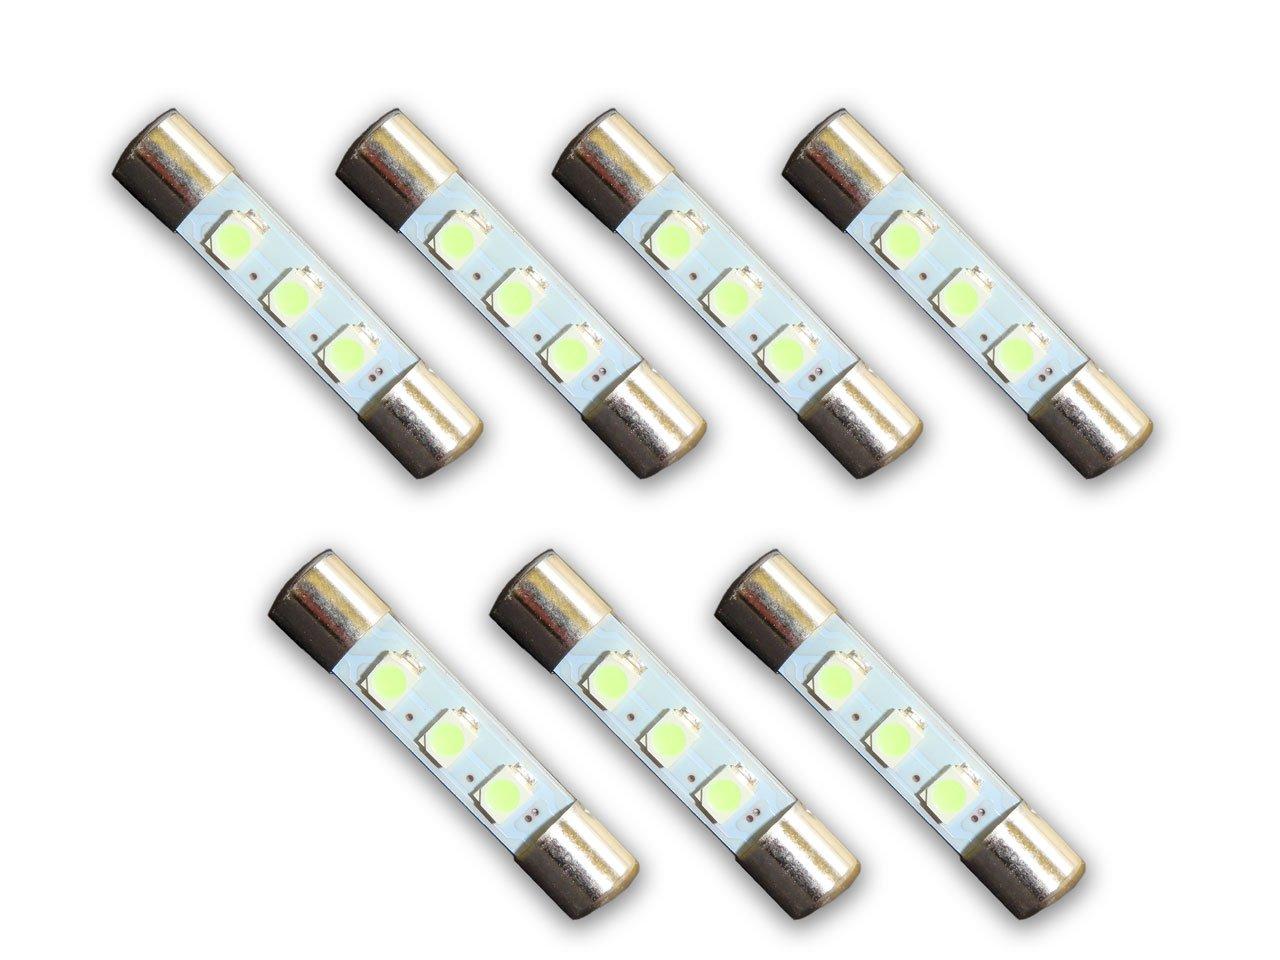 7クールブルー8 V LEDランプfuse-type電球for Marantzレシーバーとアンプ B07DV6KXPB